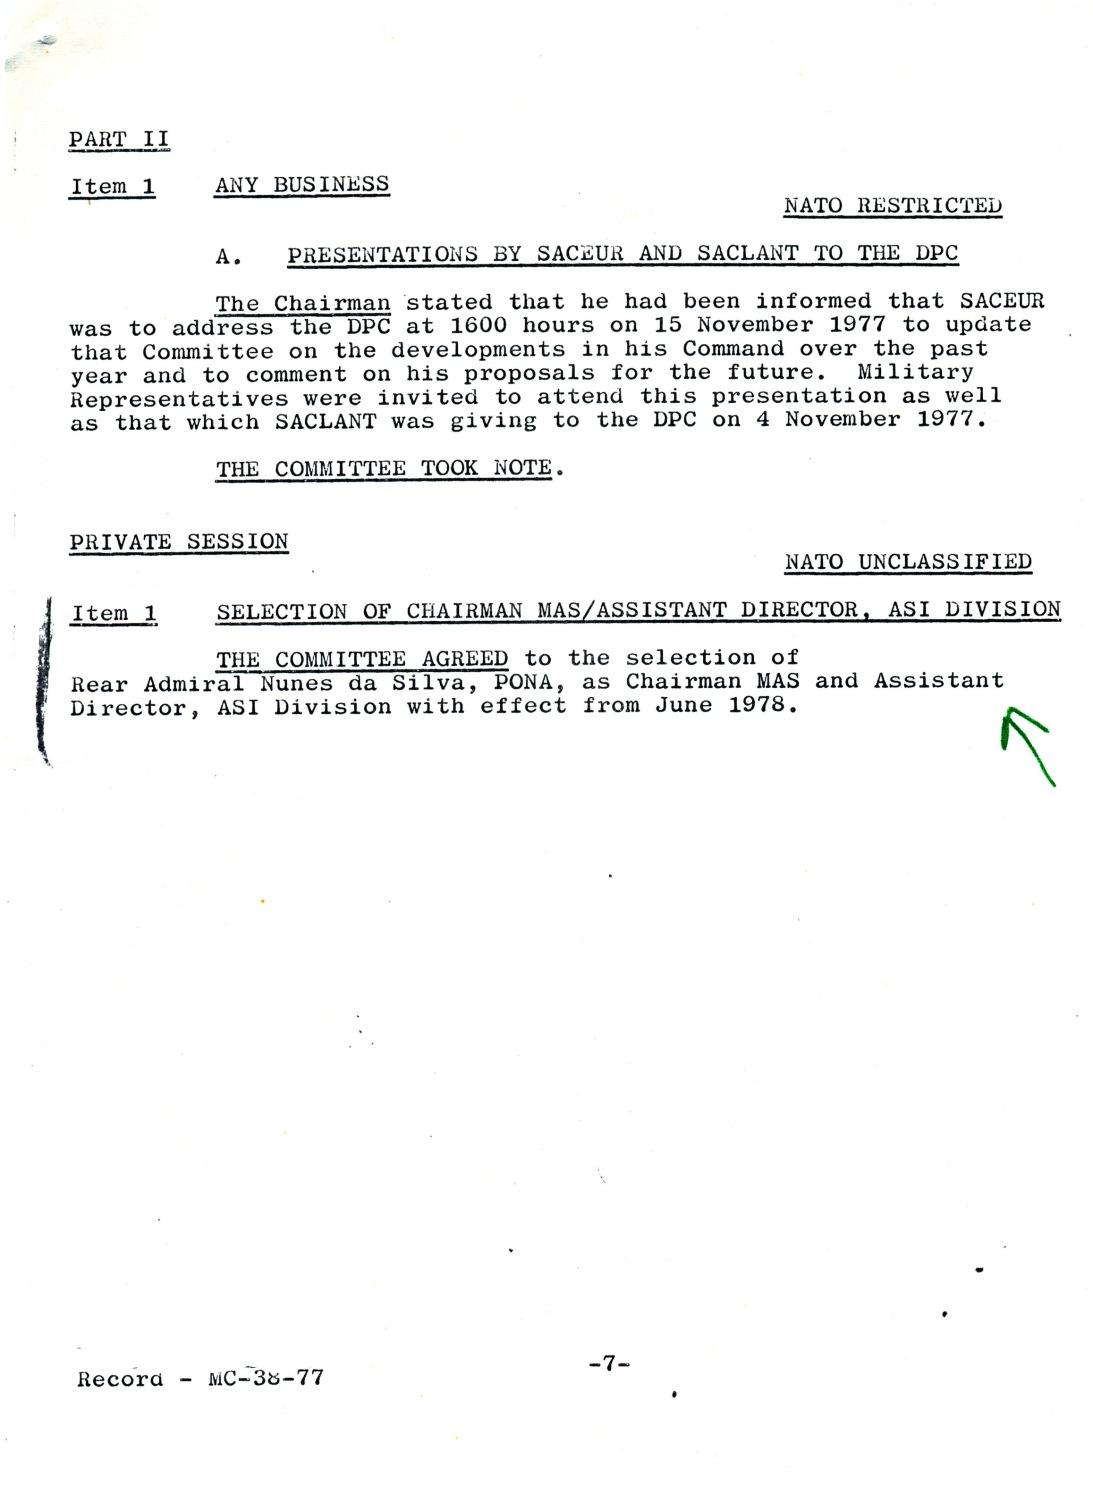 00869 977-10-18 CARGO na NATO - IMS envia resumo da reunião do Comité Militar que ESCOLHEU o Alm NUNES DA SILVA - pg 2